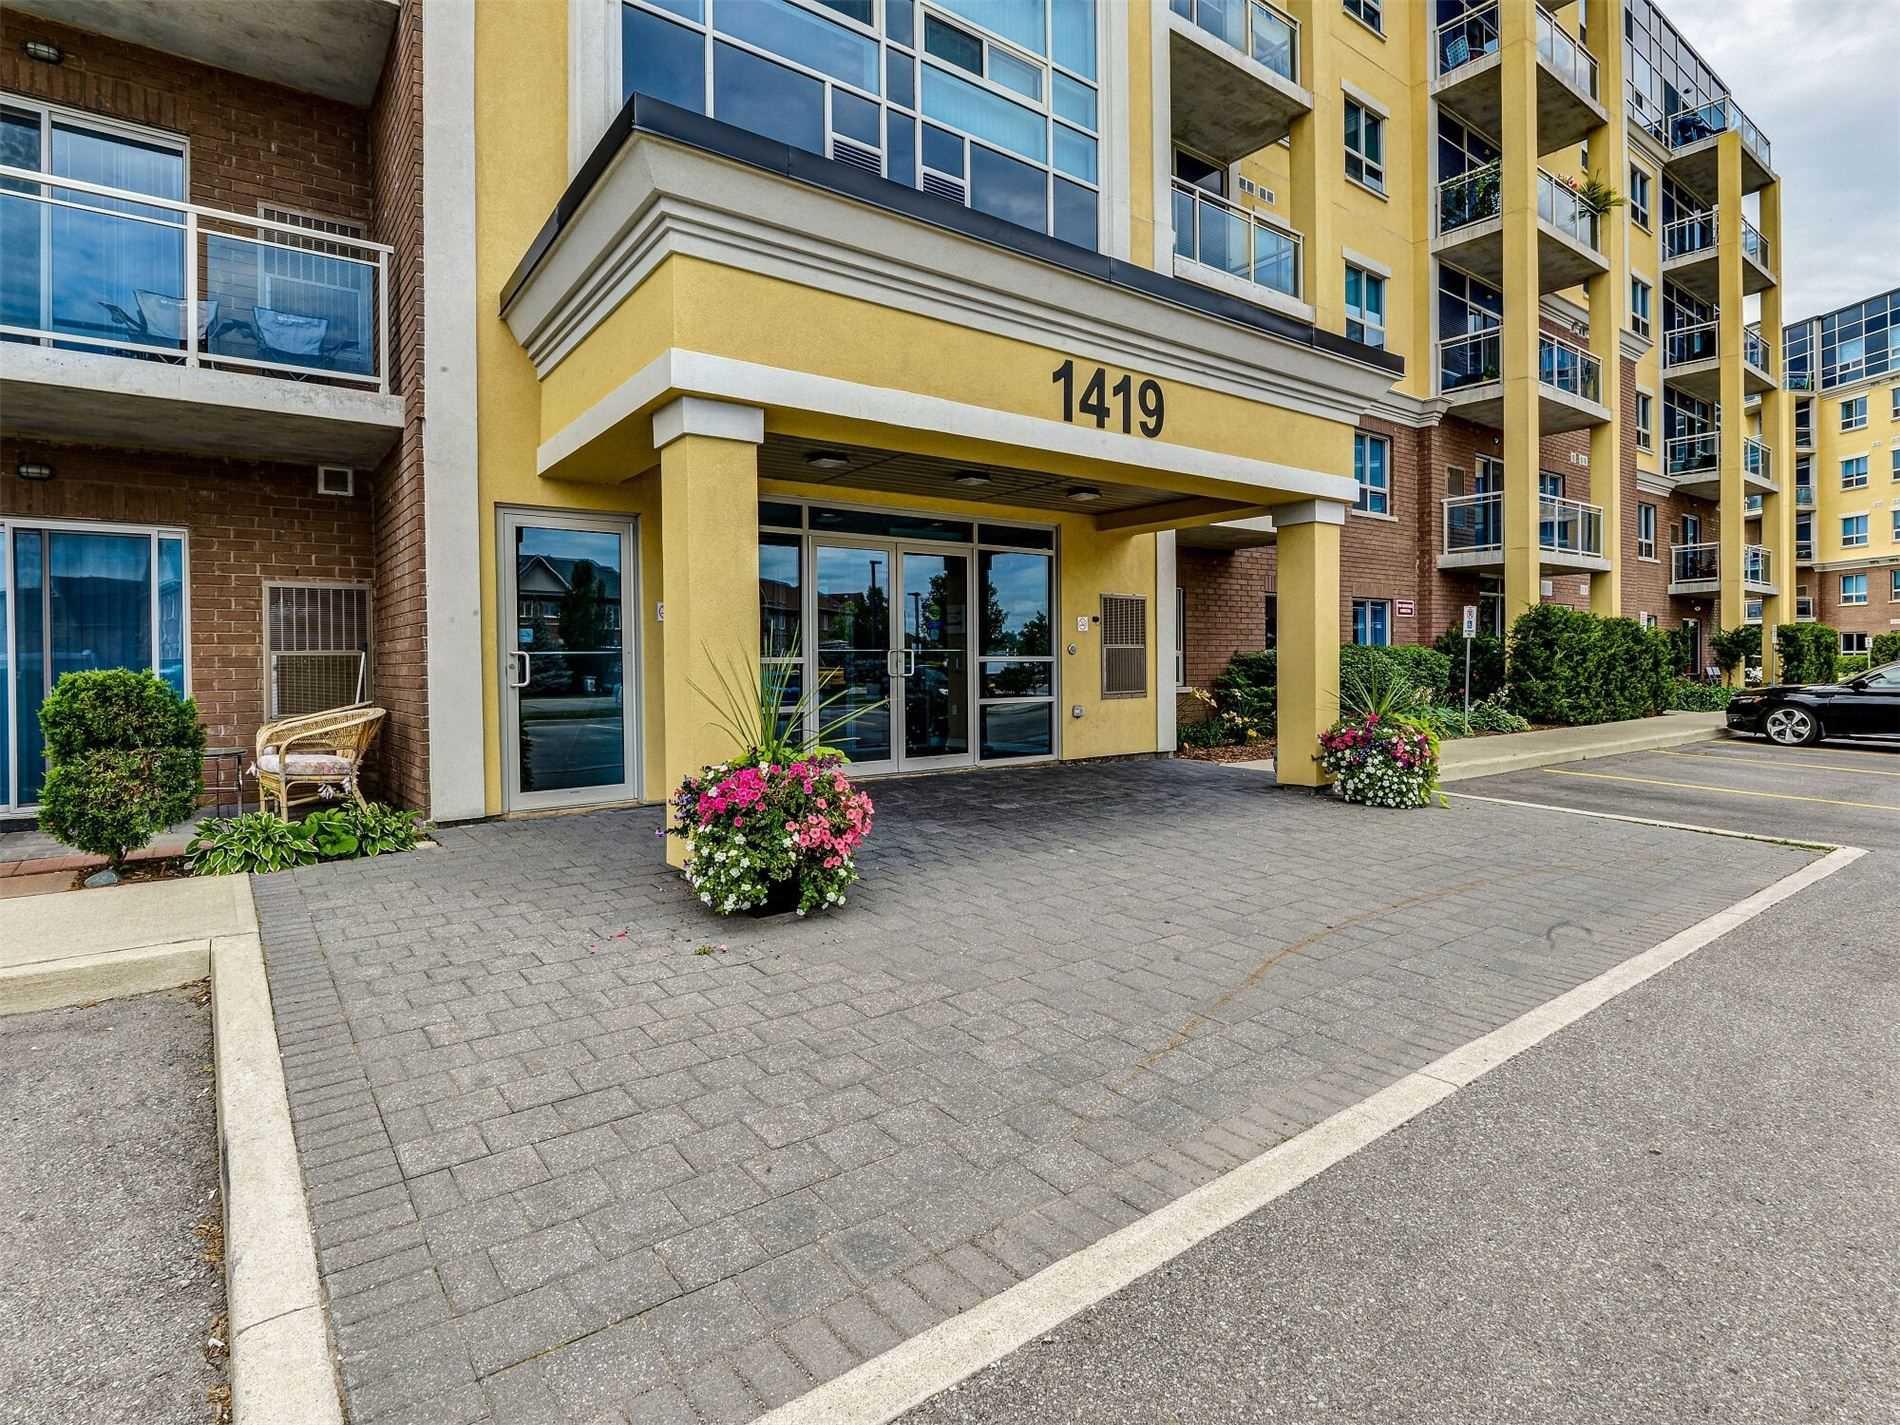 Main Photo: 601 1419 Costigan Road in Milton: Clarke Condo for lease : MLS®# W4842129